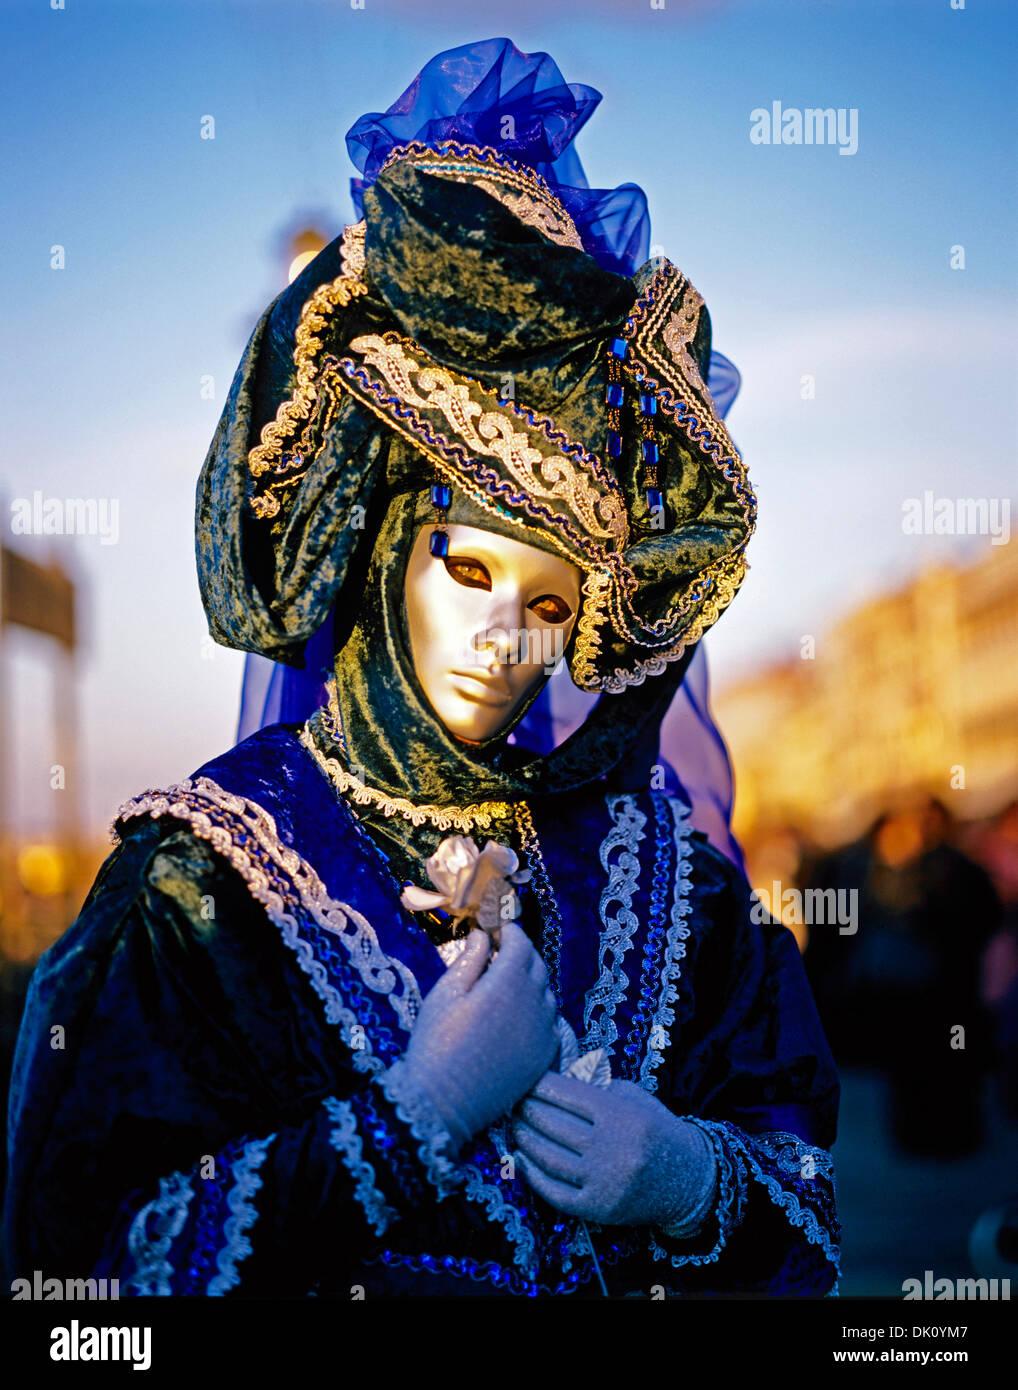 En participant à l'assemblée annuelle de costumes de carnaval masqué, Venise, Italie, Europe Banque D'Images